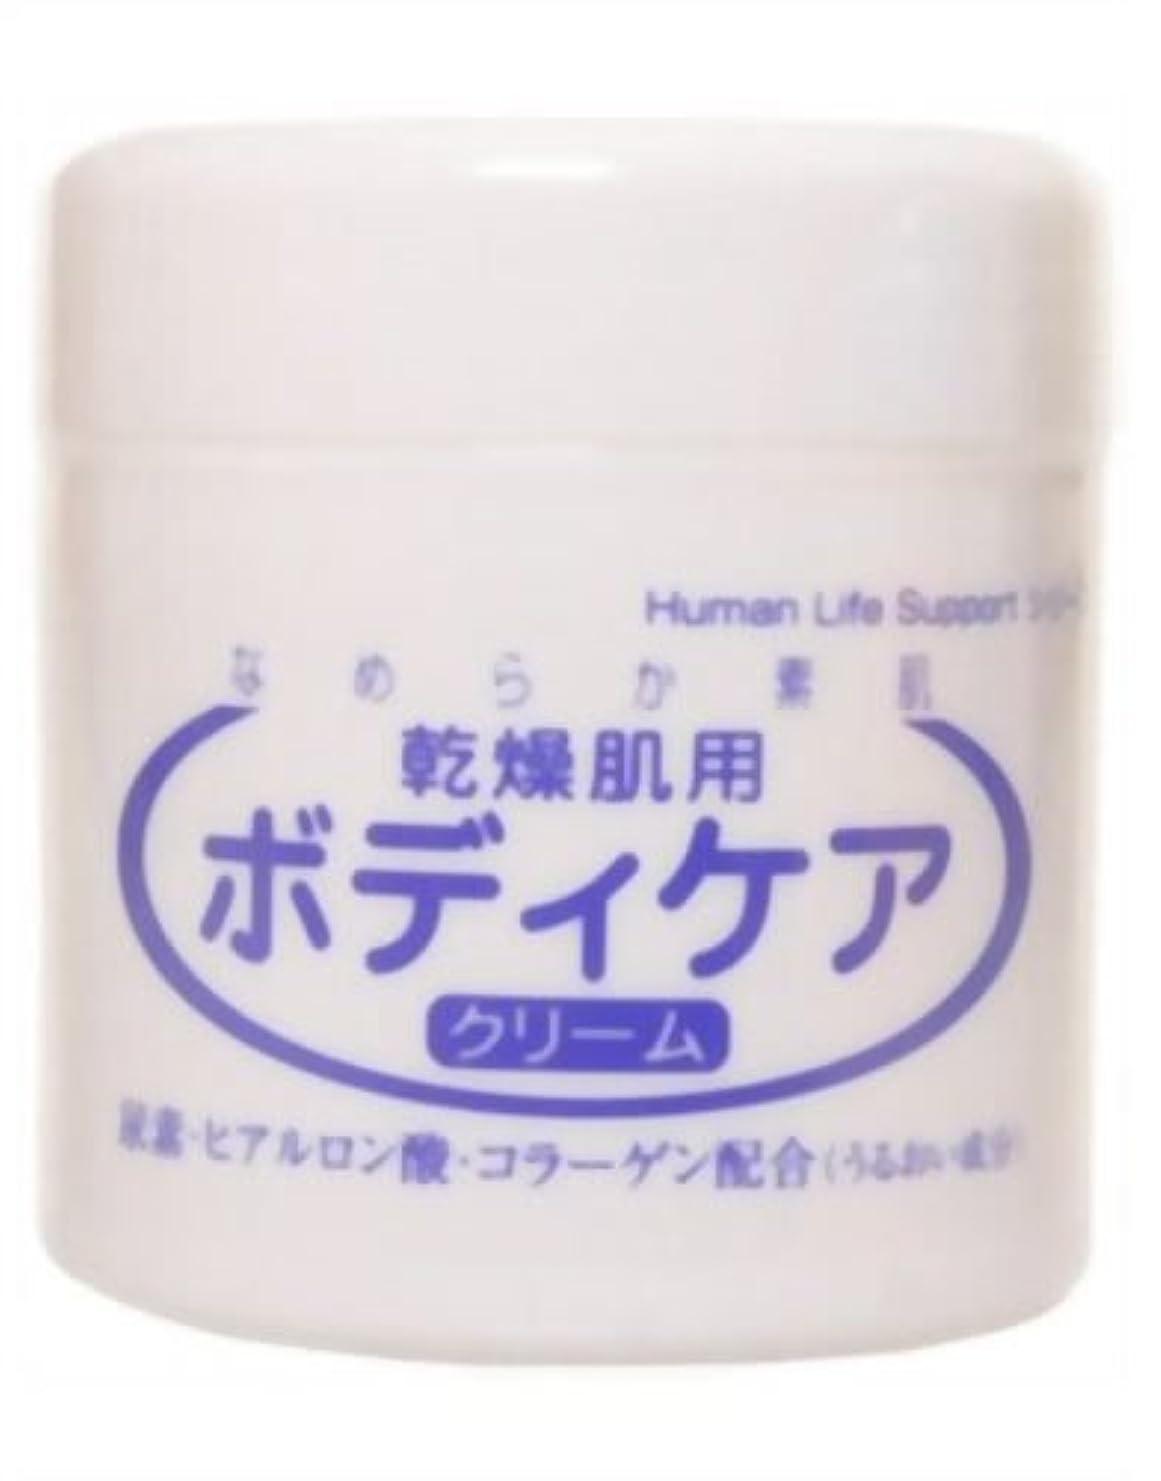 増加する結核調査乾燥肌用ボディケアクリーム 230g